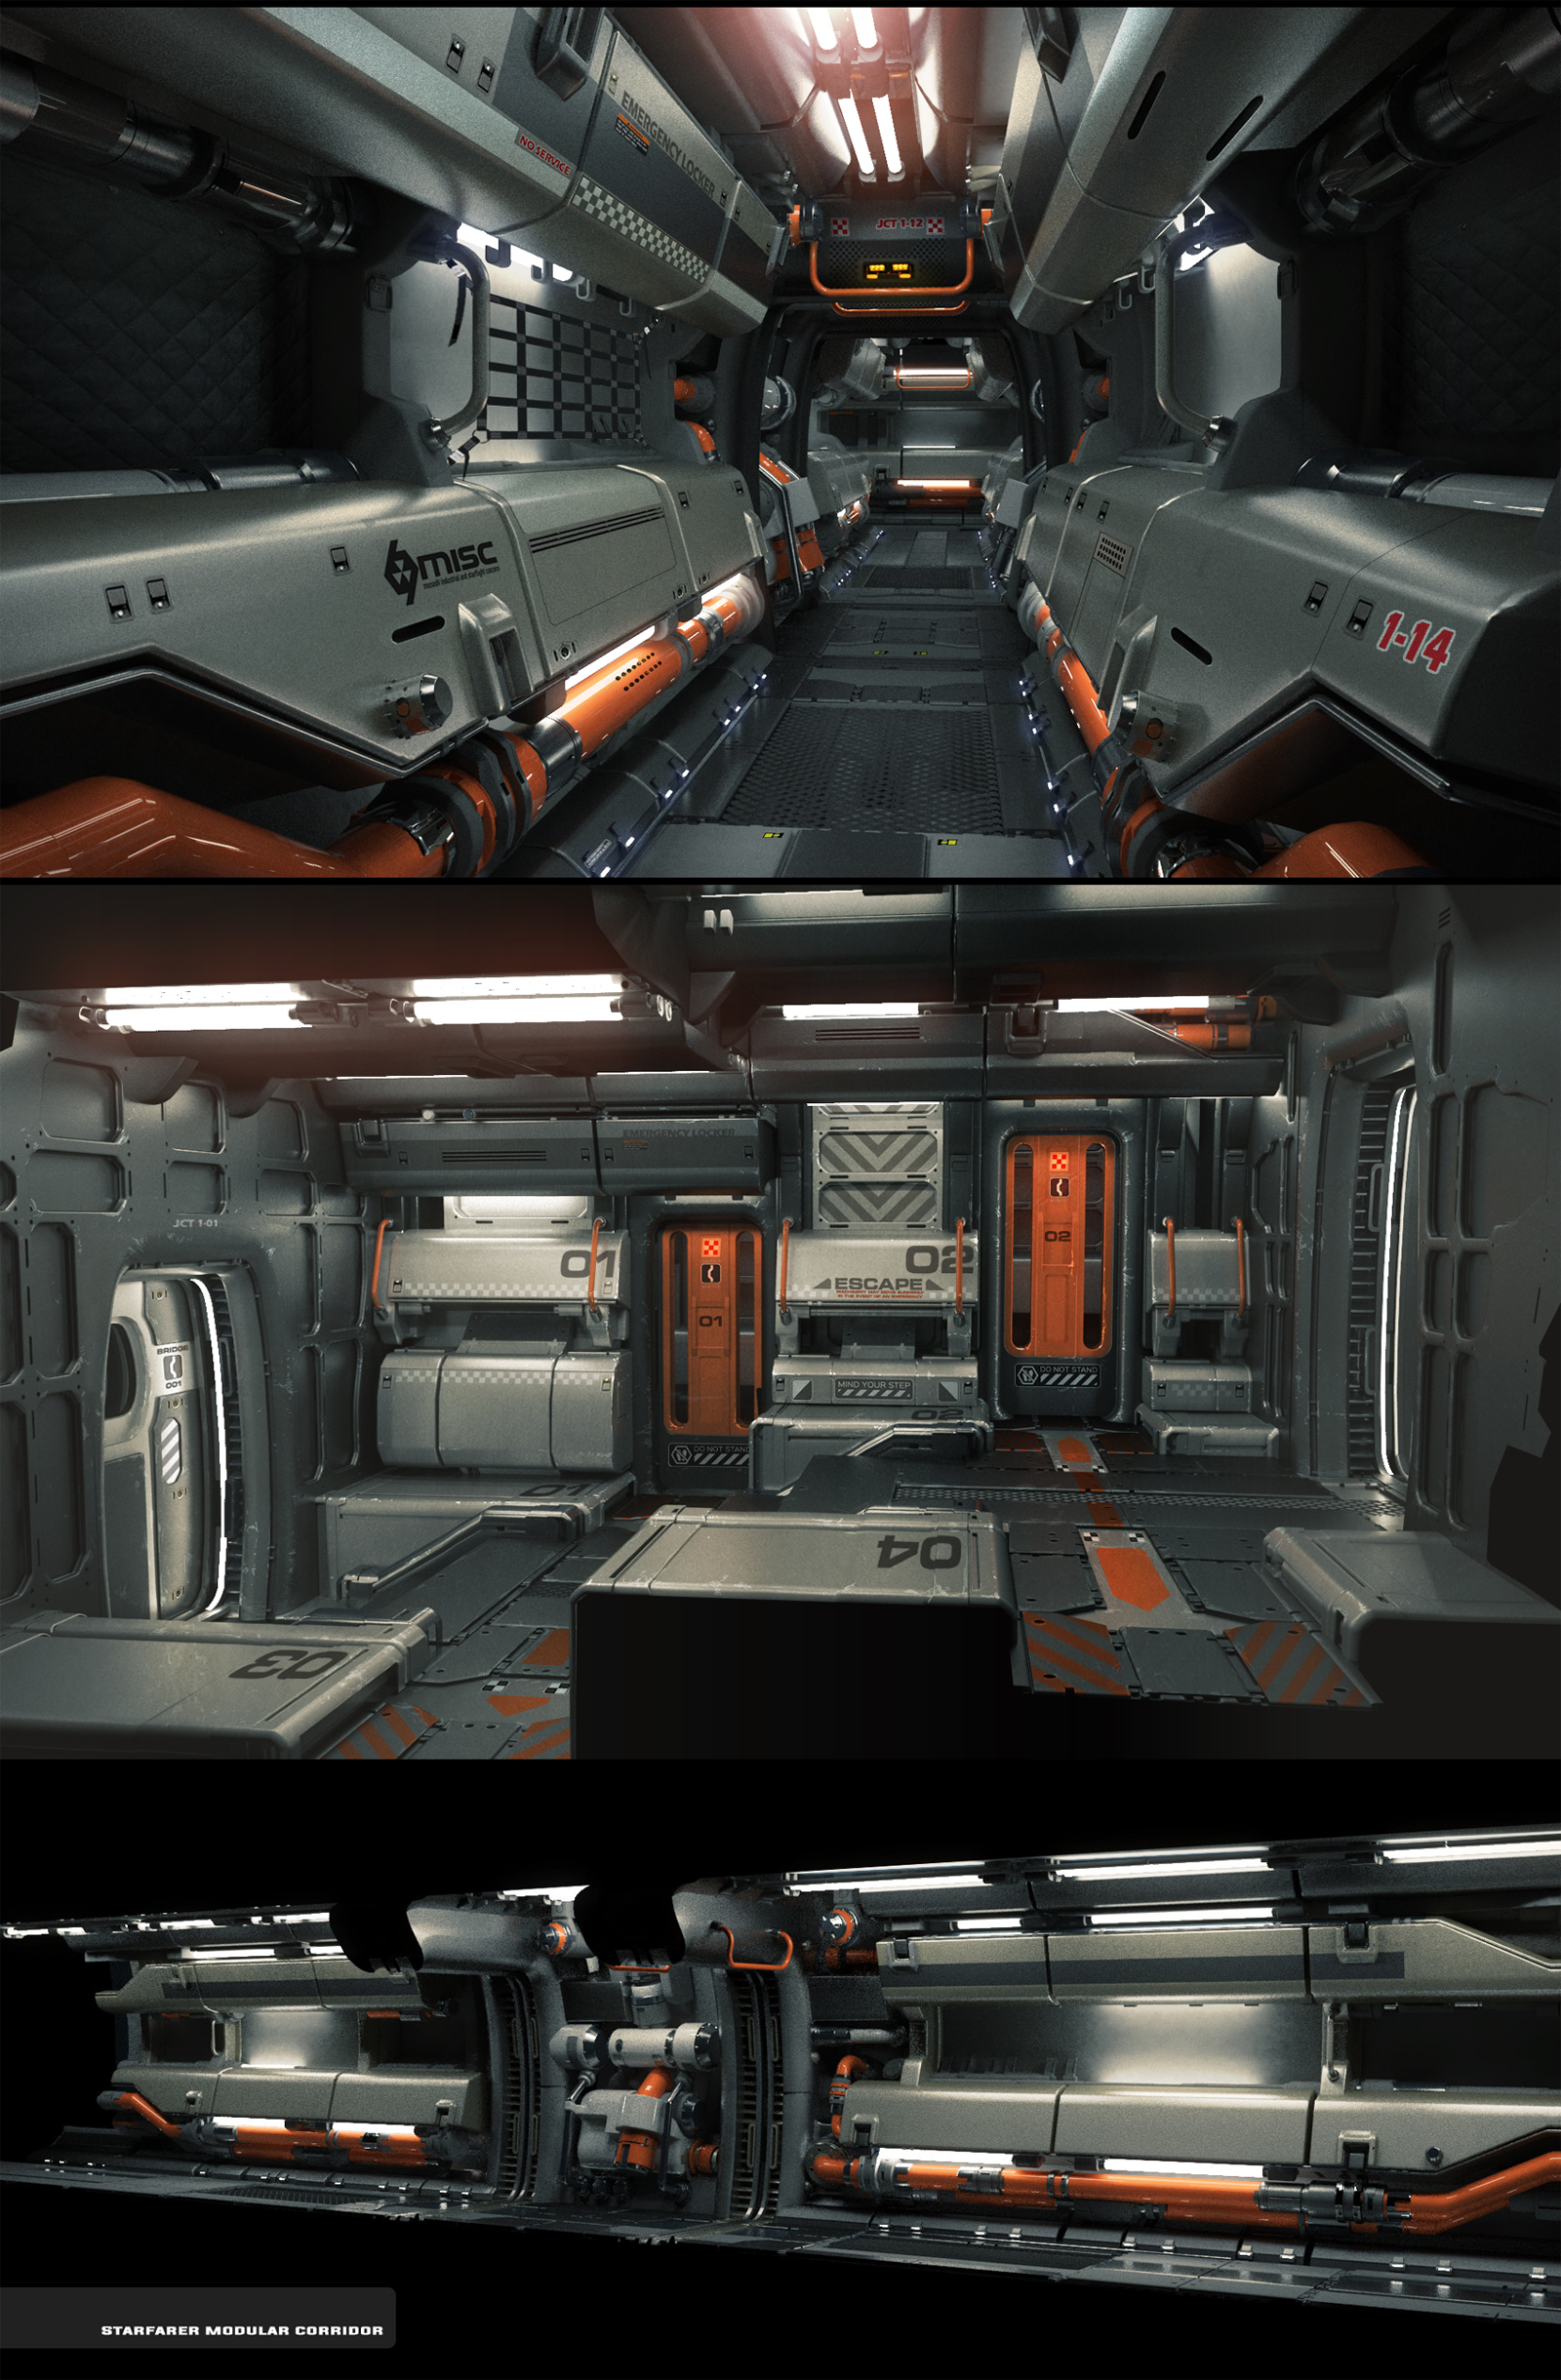 future spacecraft interior - photo #41